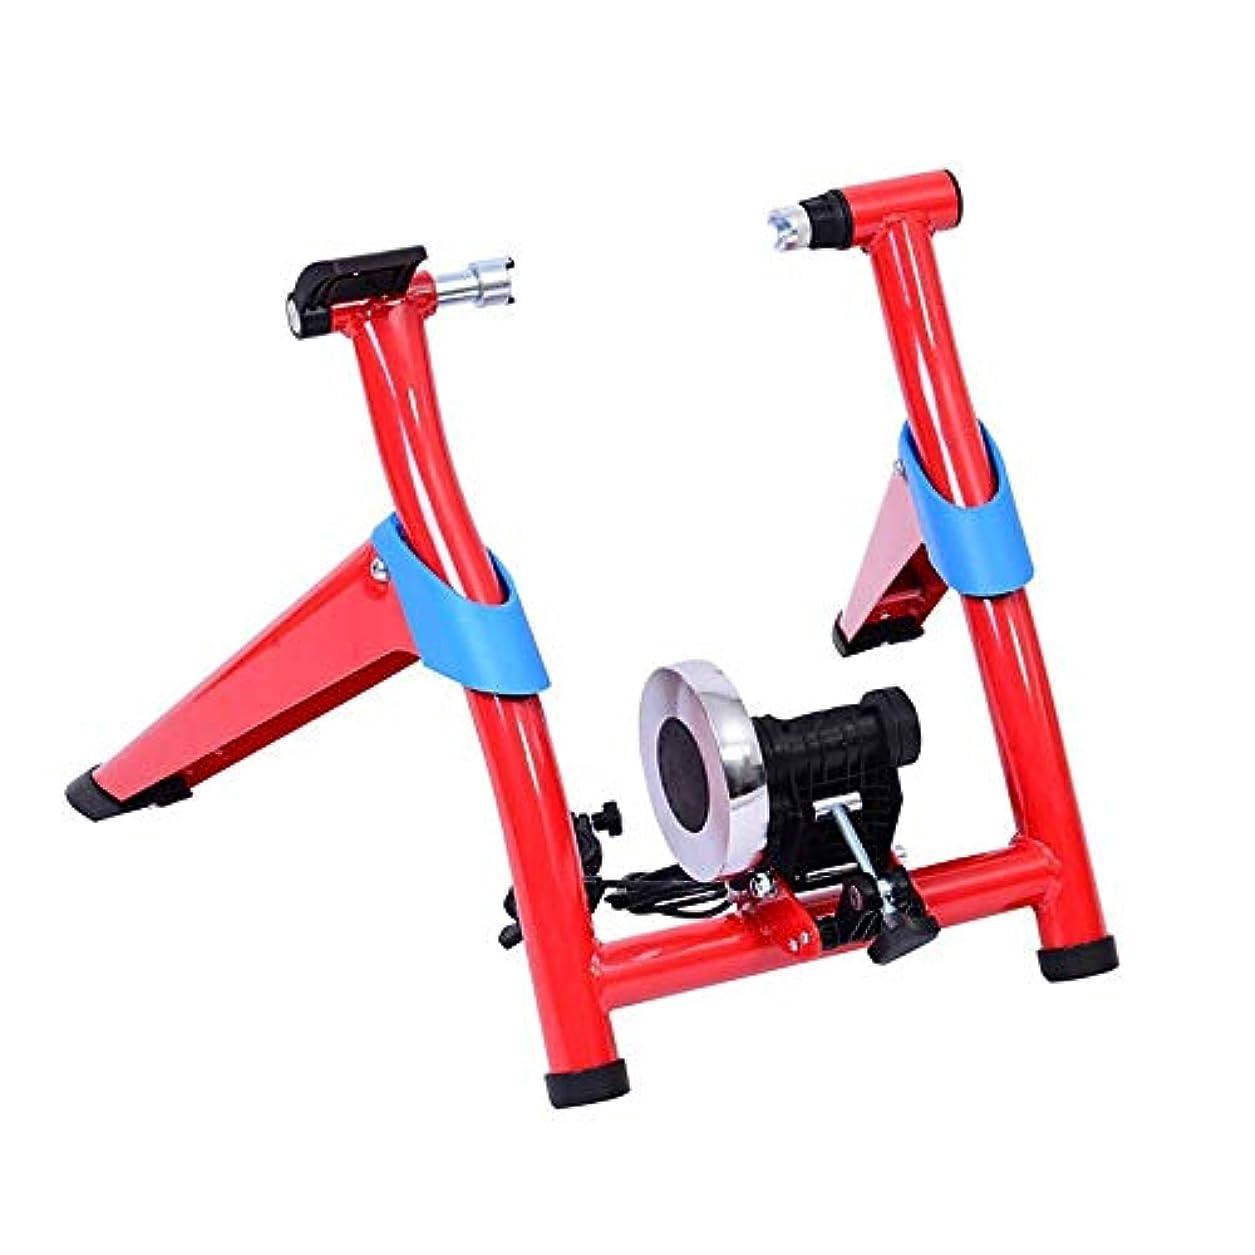 確実磁気ビーム自転車トレーニング サイクリングロードマウンテン折りたたみ自転車ラインコントロール乗馬プラットフォーム磁気抵抗トレーニングプラットフォーム駐車場のラック自転車用品 軽量 コンパクト トレーニング用 (色 : 赤, サイズ : ワンサイズ)